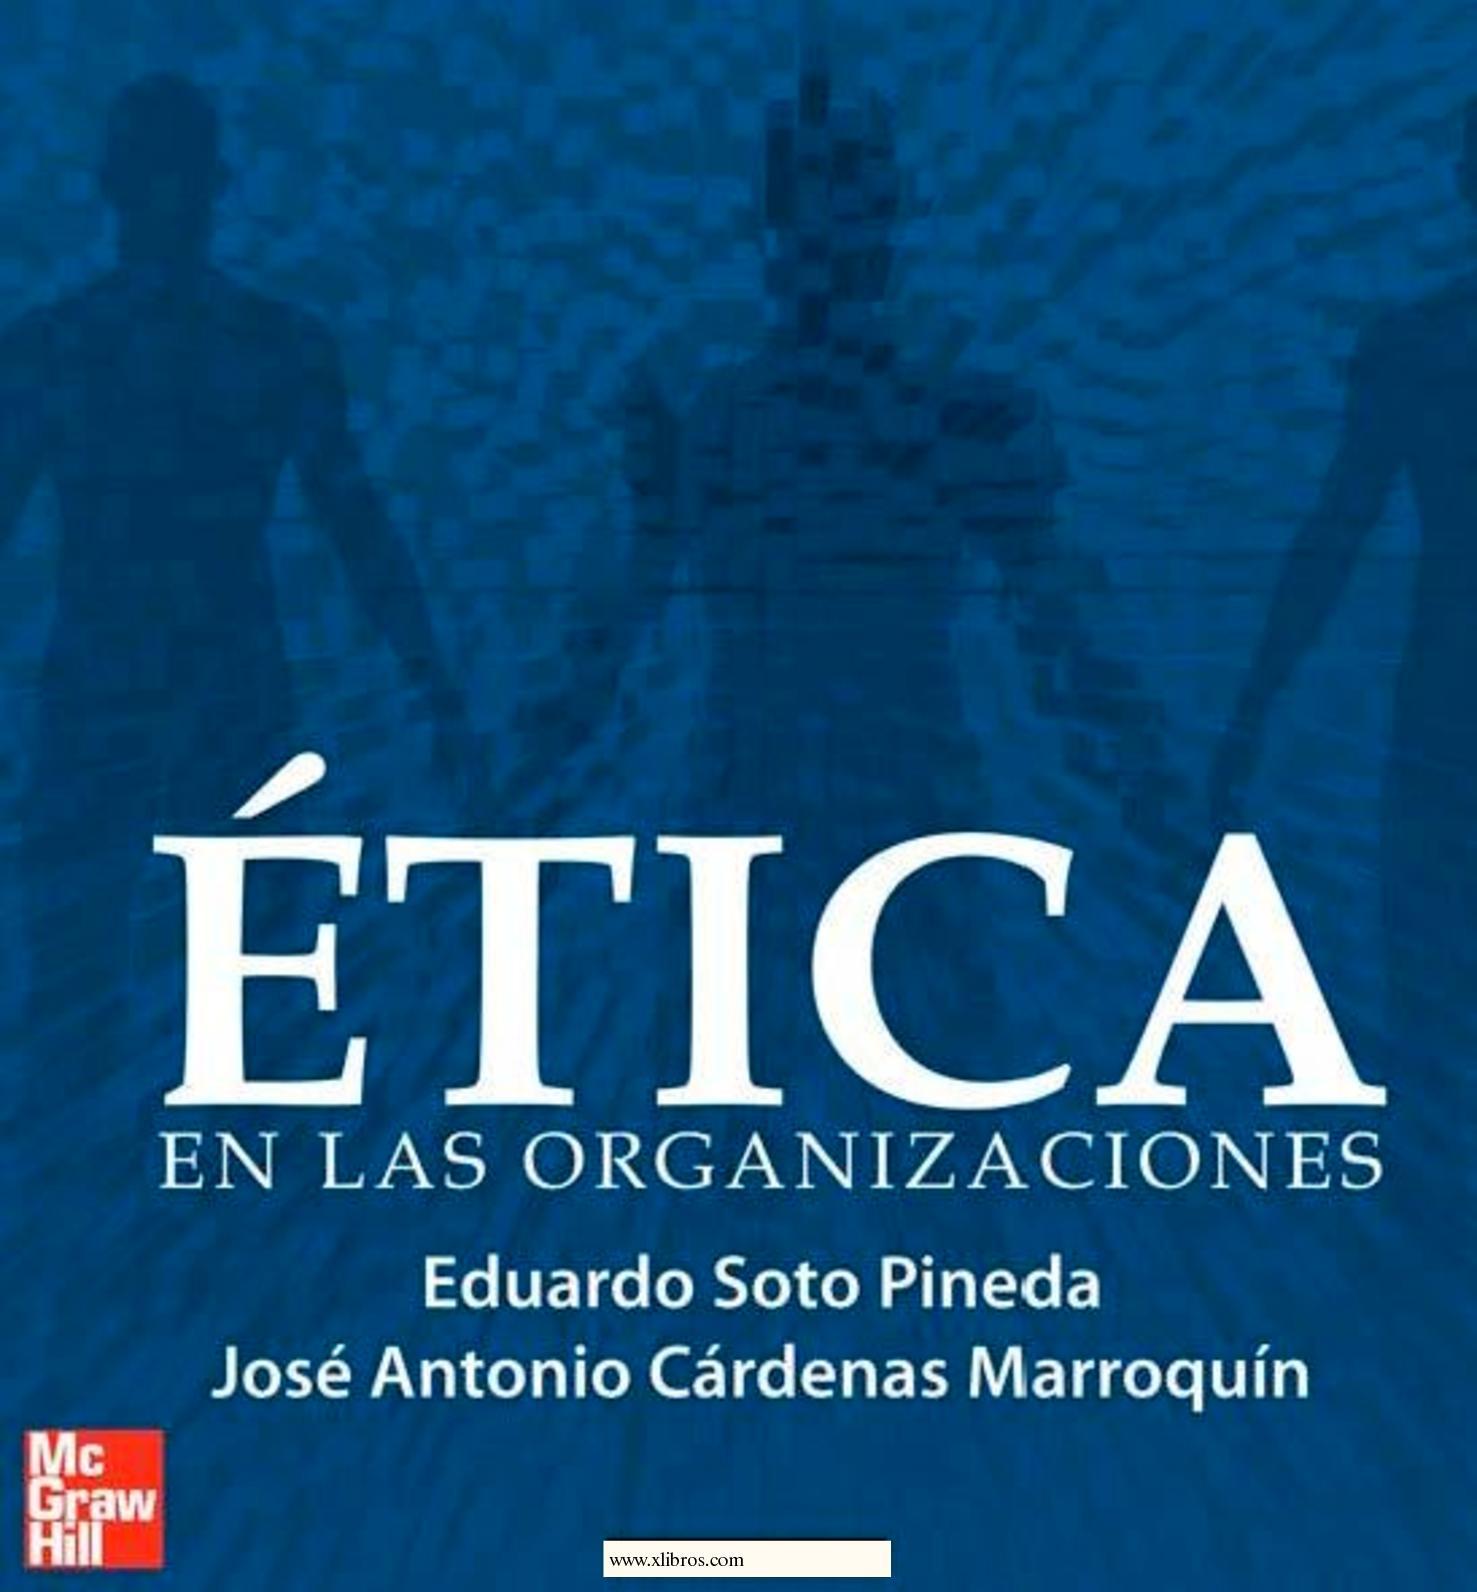 Calaméo - Etica En Las Organizaciones Completo